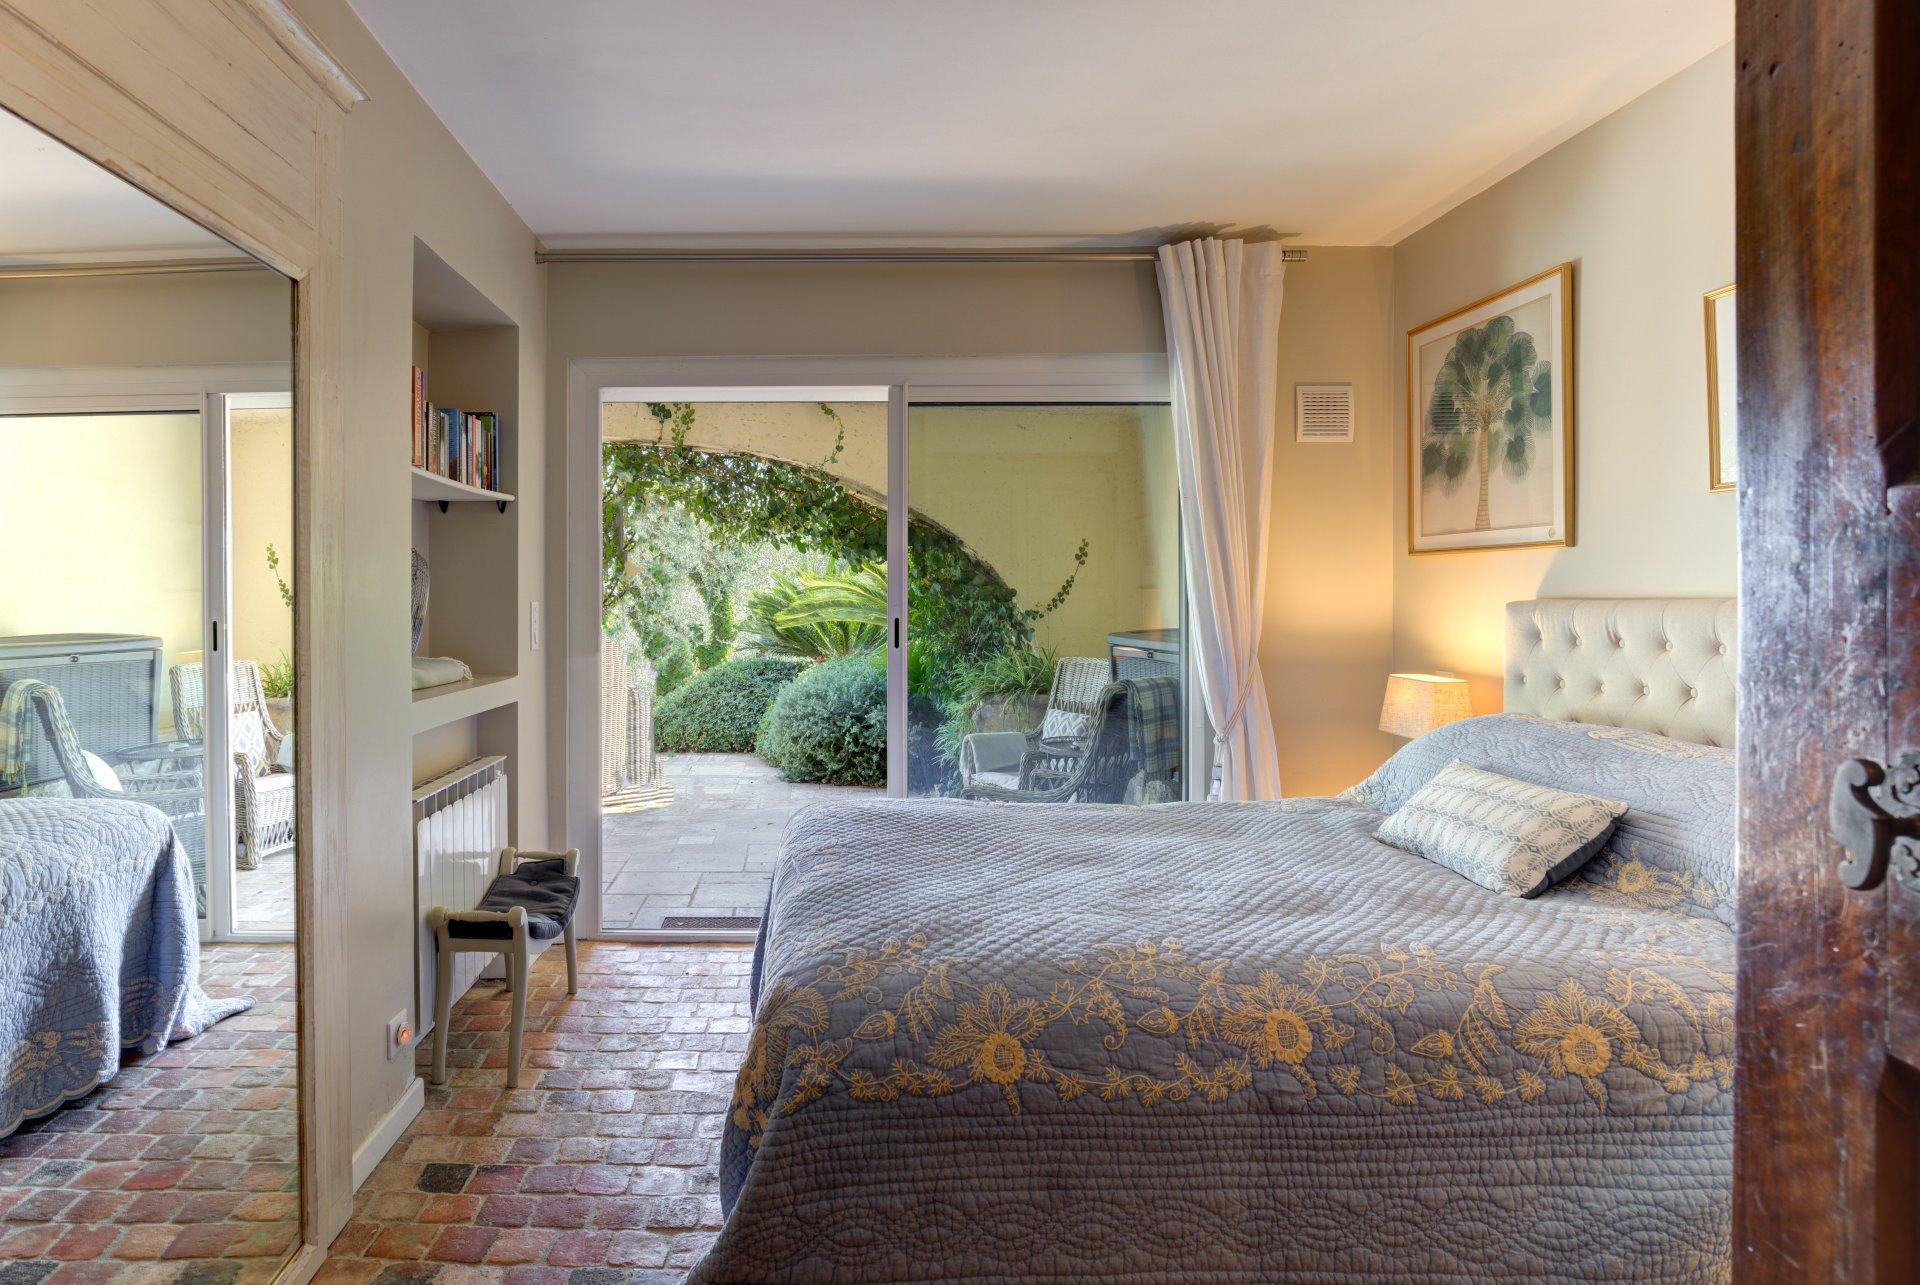 Verkauf Villa - Mouans-Sartoux - Frankreich